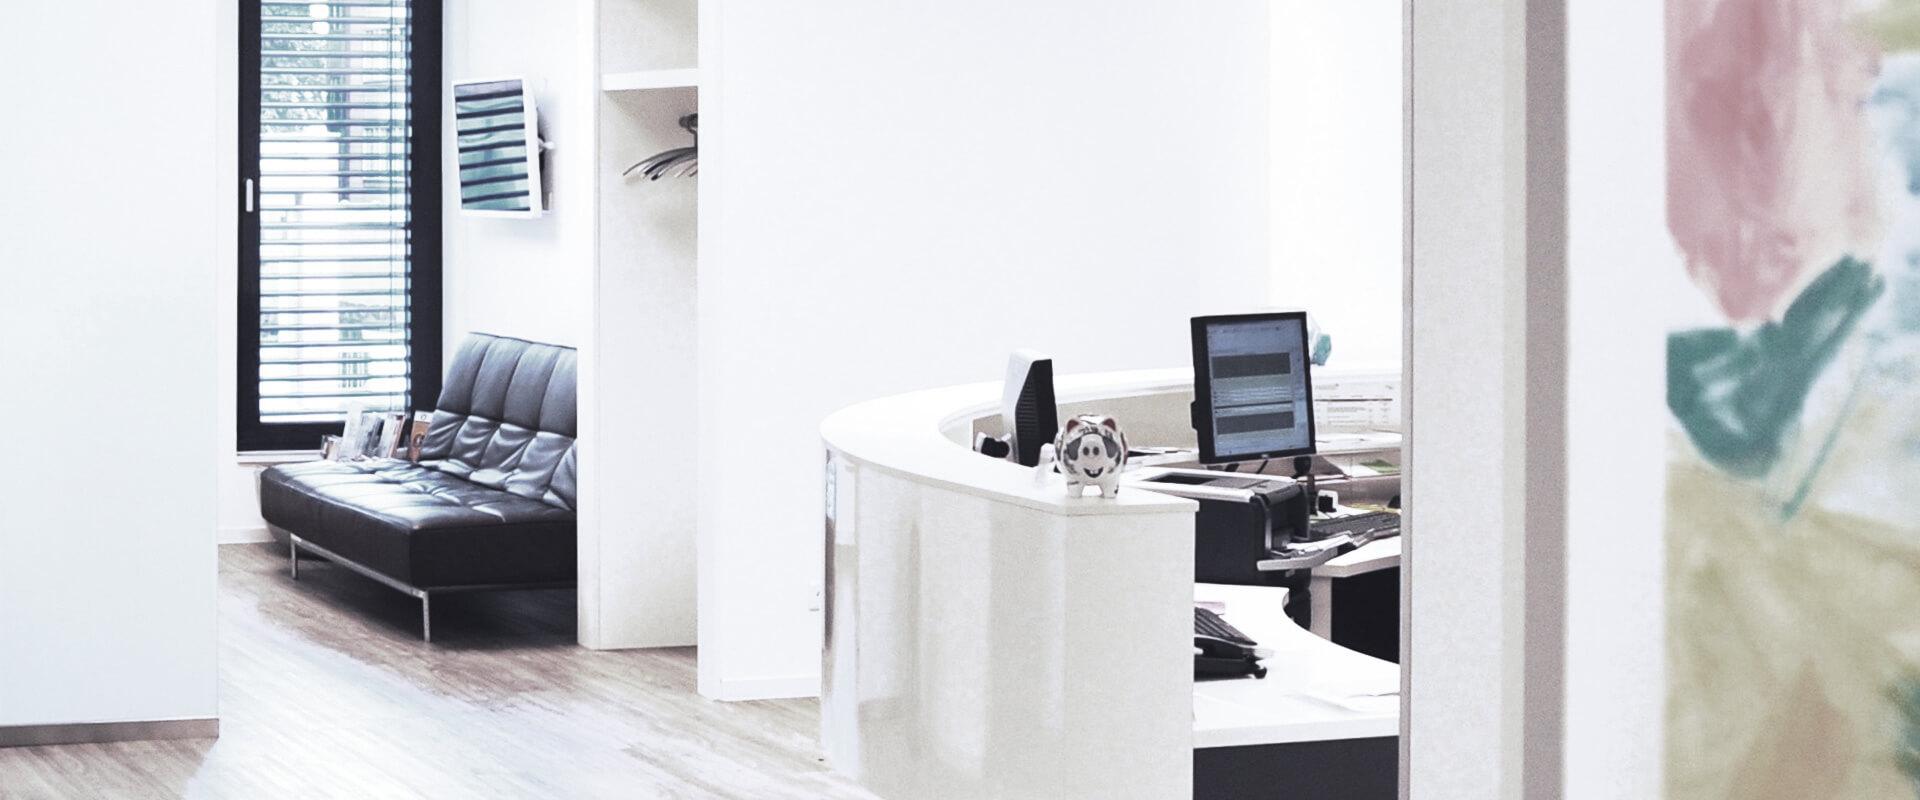 bonnmed urologie gyn kologie bonn. Black Bedroom Furniture Sets. Home Design Ideas